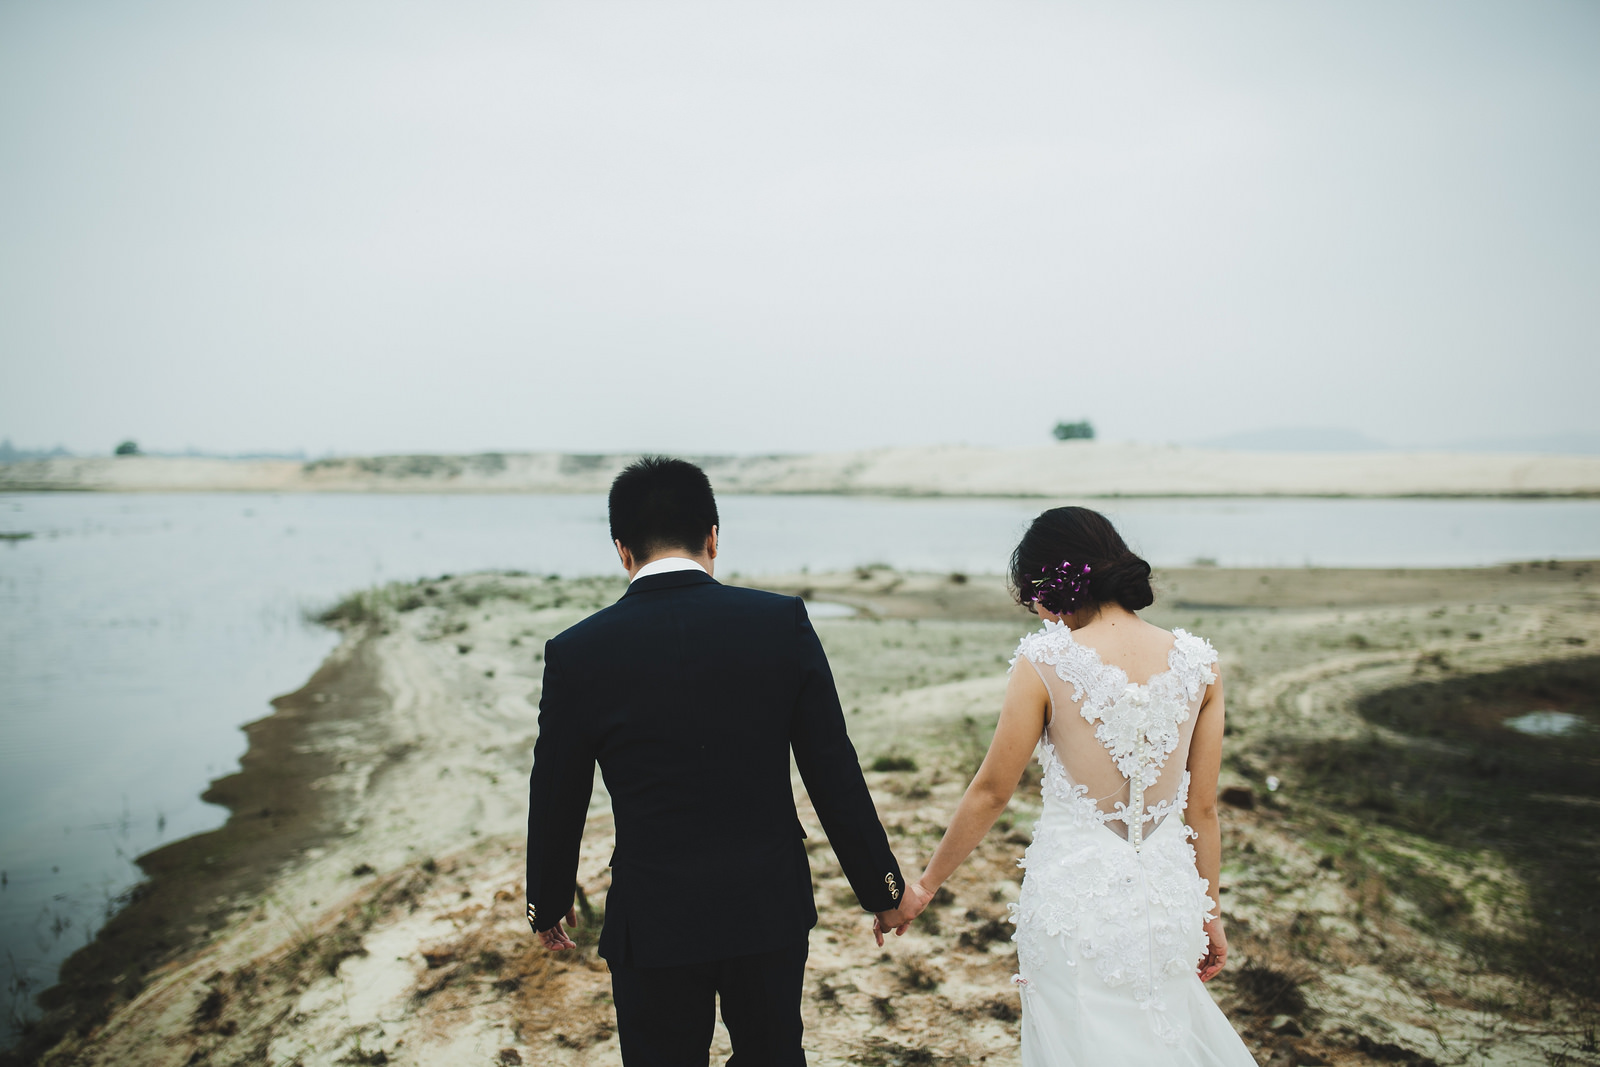 Phụ nữ lấy chồng: Tưởng đã bình yên nào ngờ giông bão lại xuất phát từ ngực trái của người đàn ông - Ảnh 1